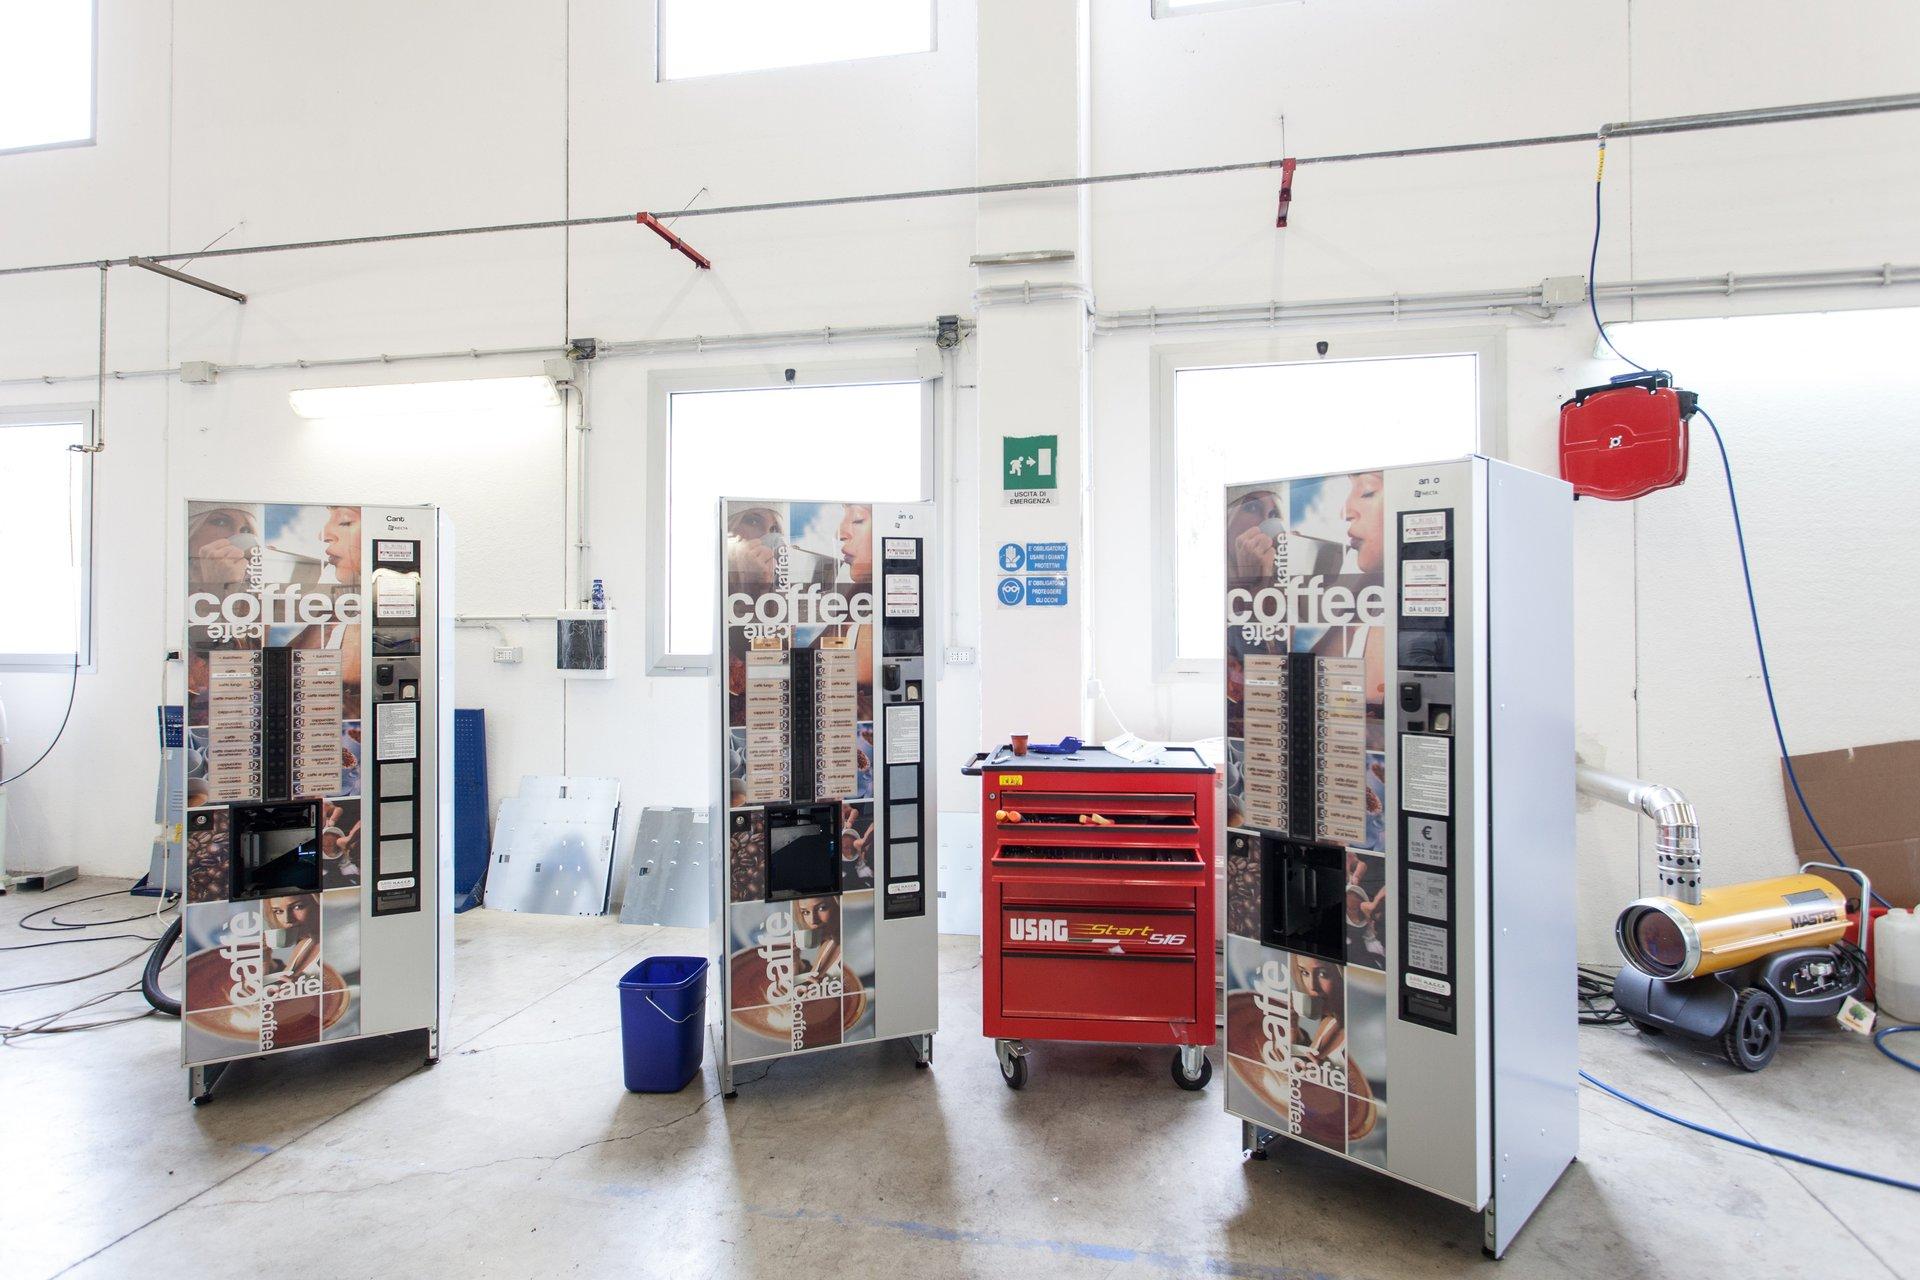 esposizione di distributori automatici